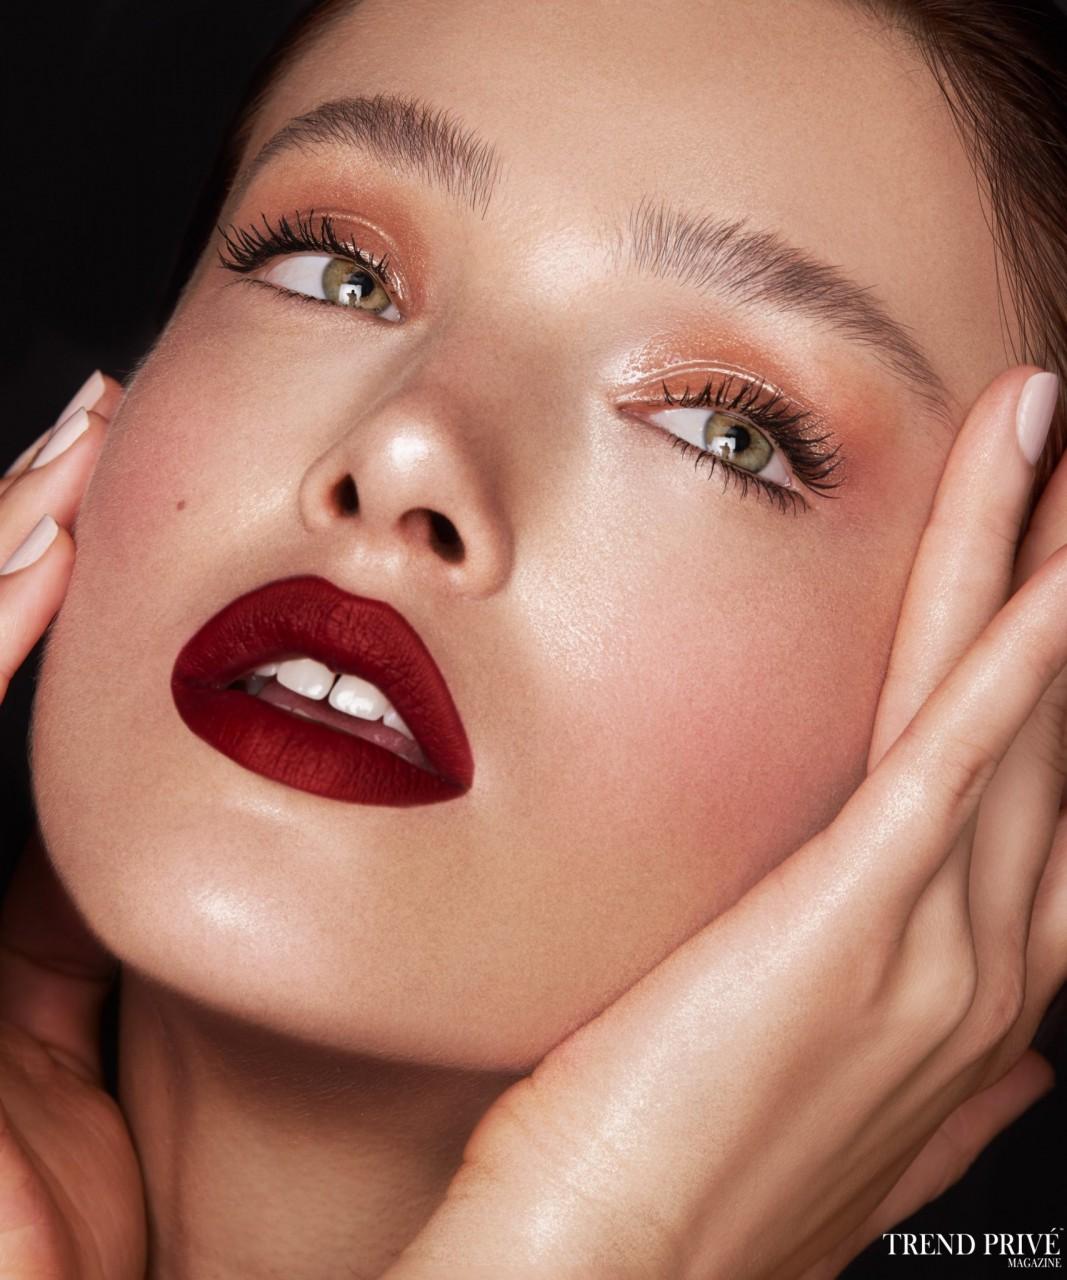 Olga-Shutieva-Beauty-agosto-20181131